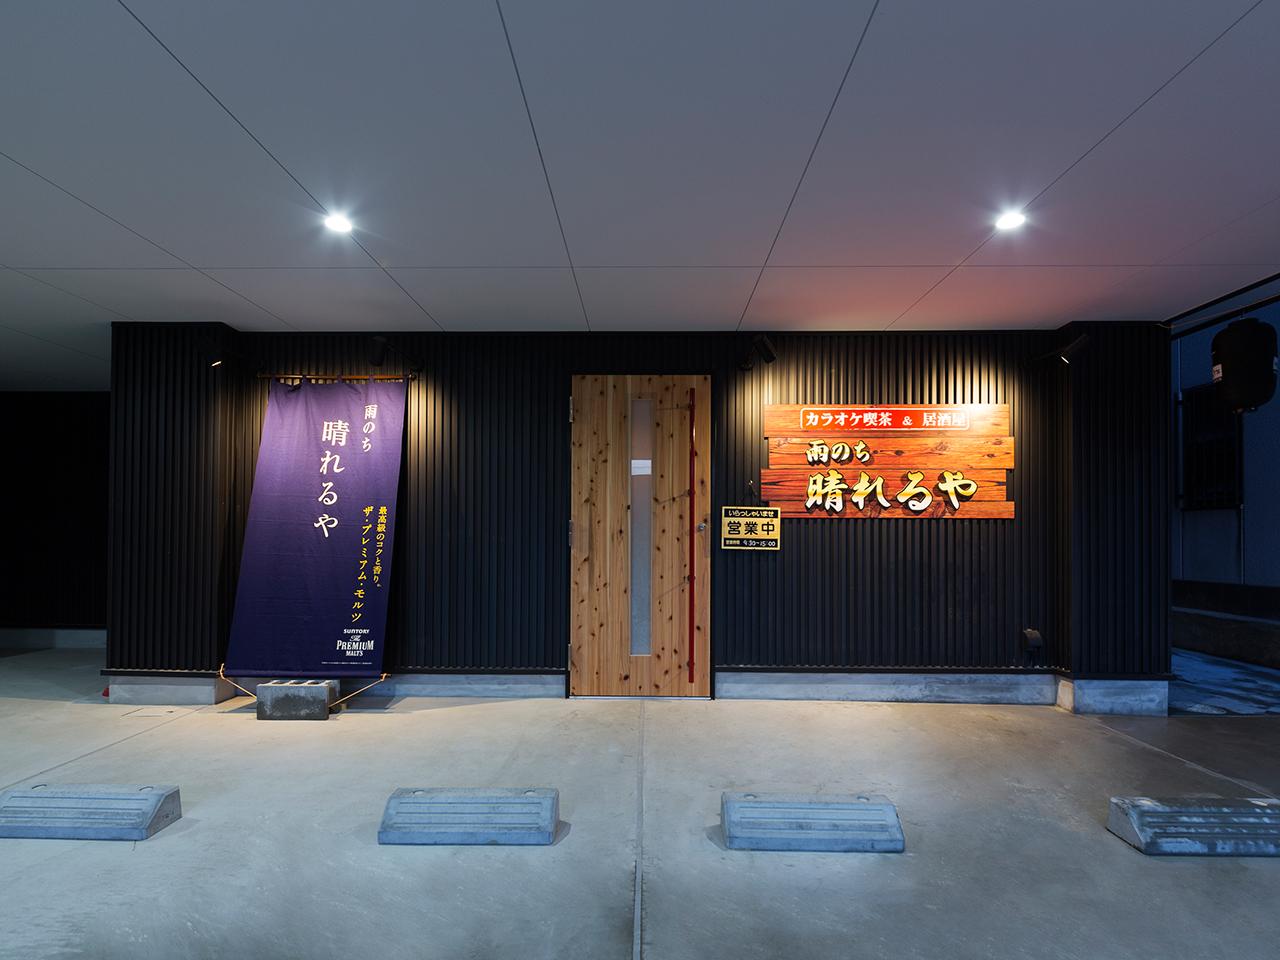 カラオケ居酒屋、『雨のち晴れるや』1